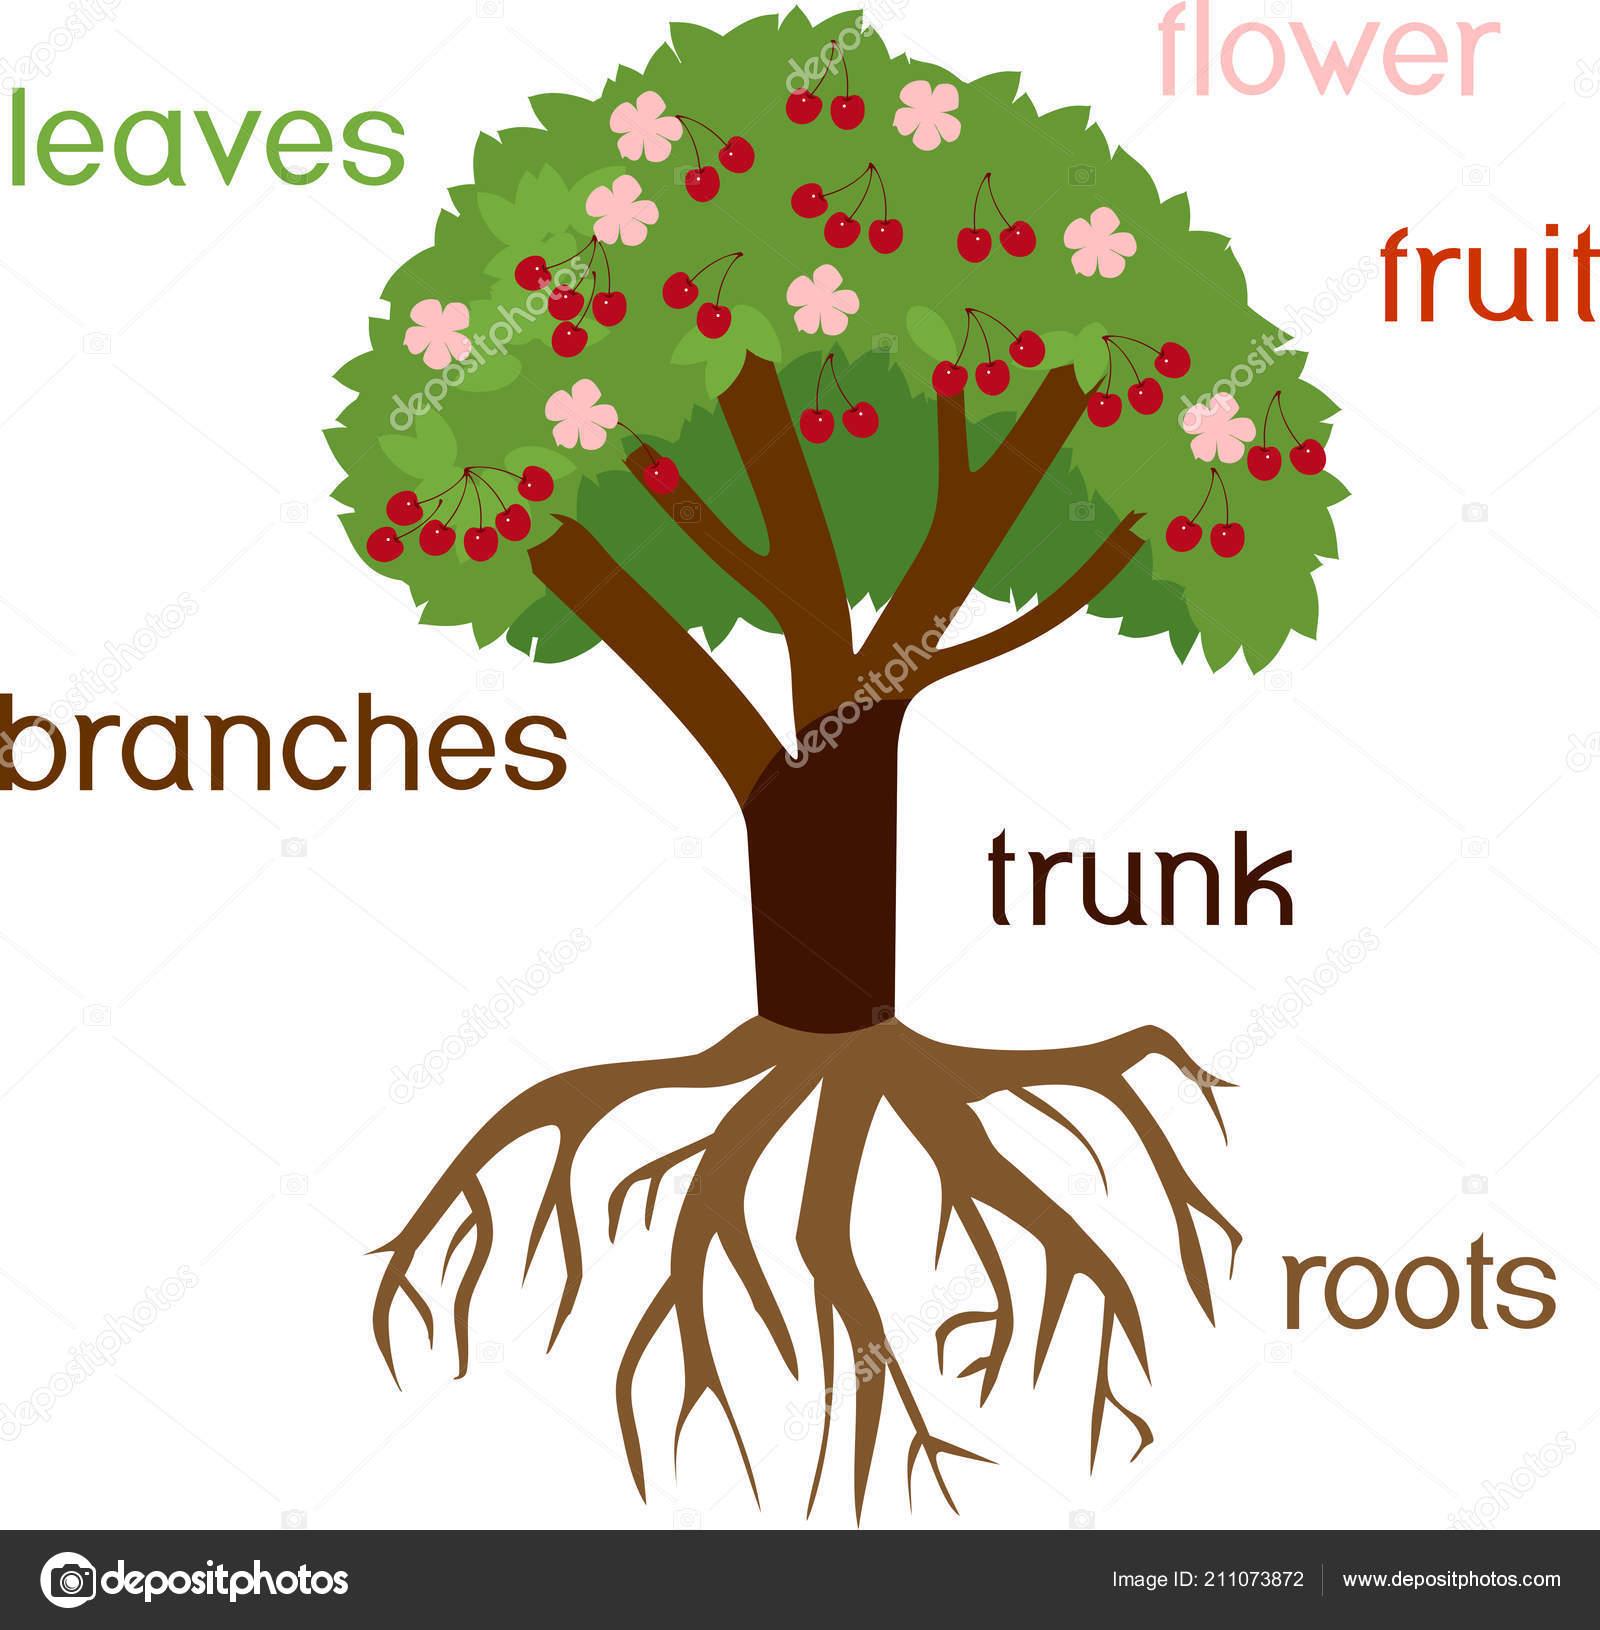 Partes Planta Morfologia Cerezo Con Sistema Raices Flores